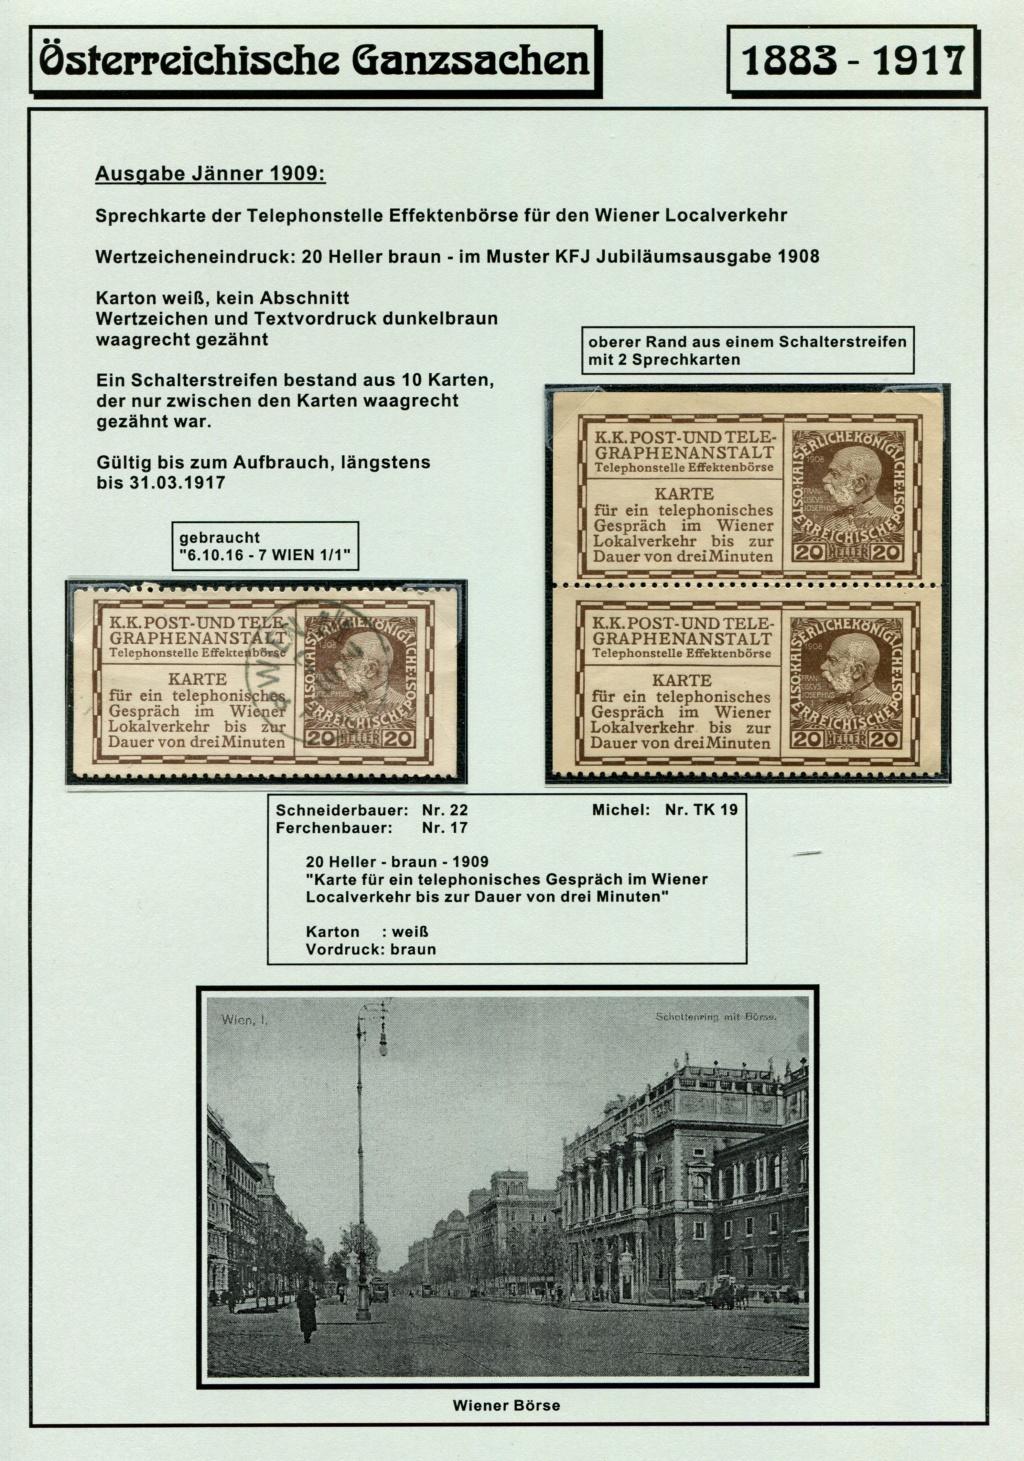 Österreichische Telephon-Sprechkarten - 1883 - 1917 Tel_ka35